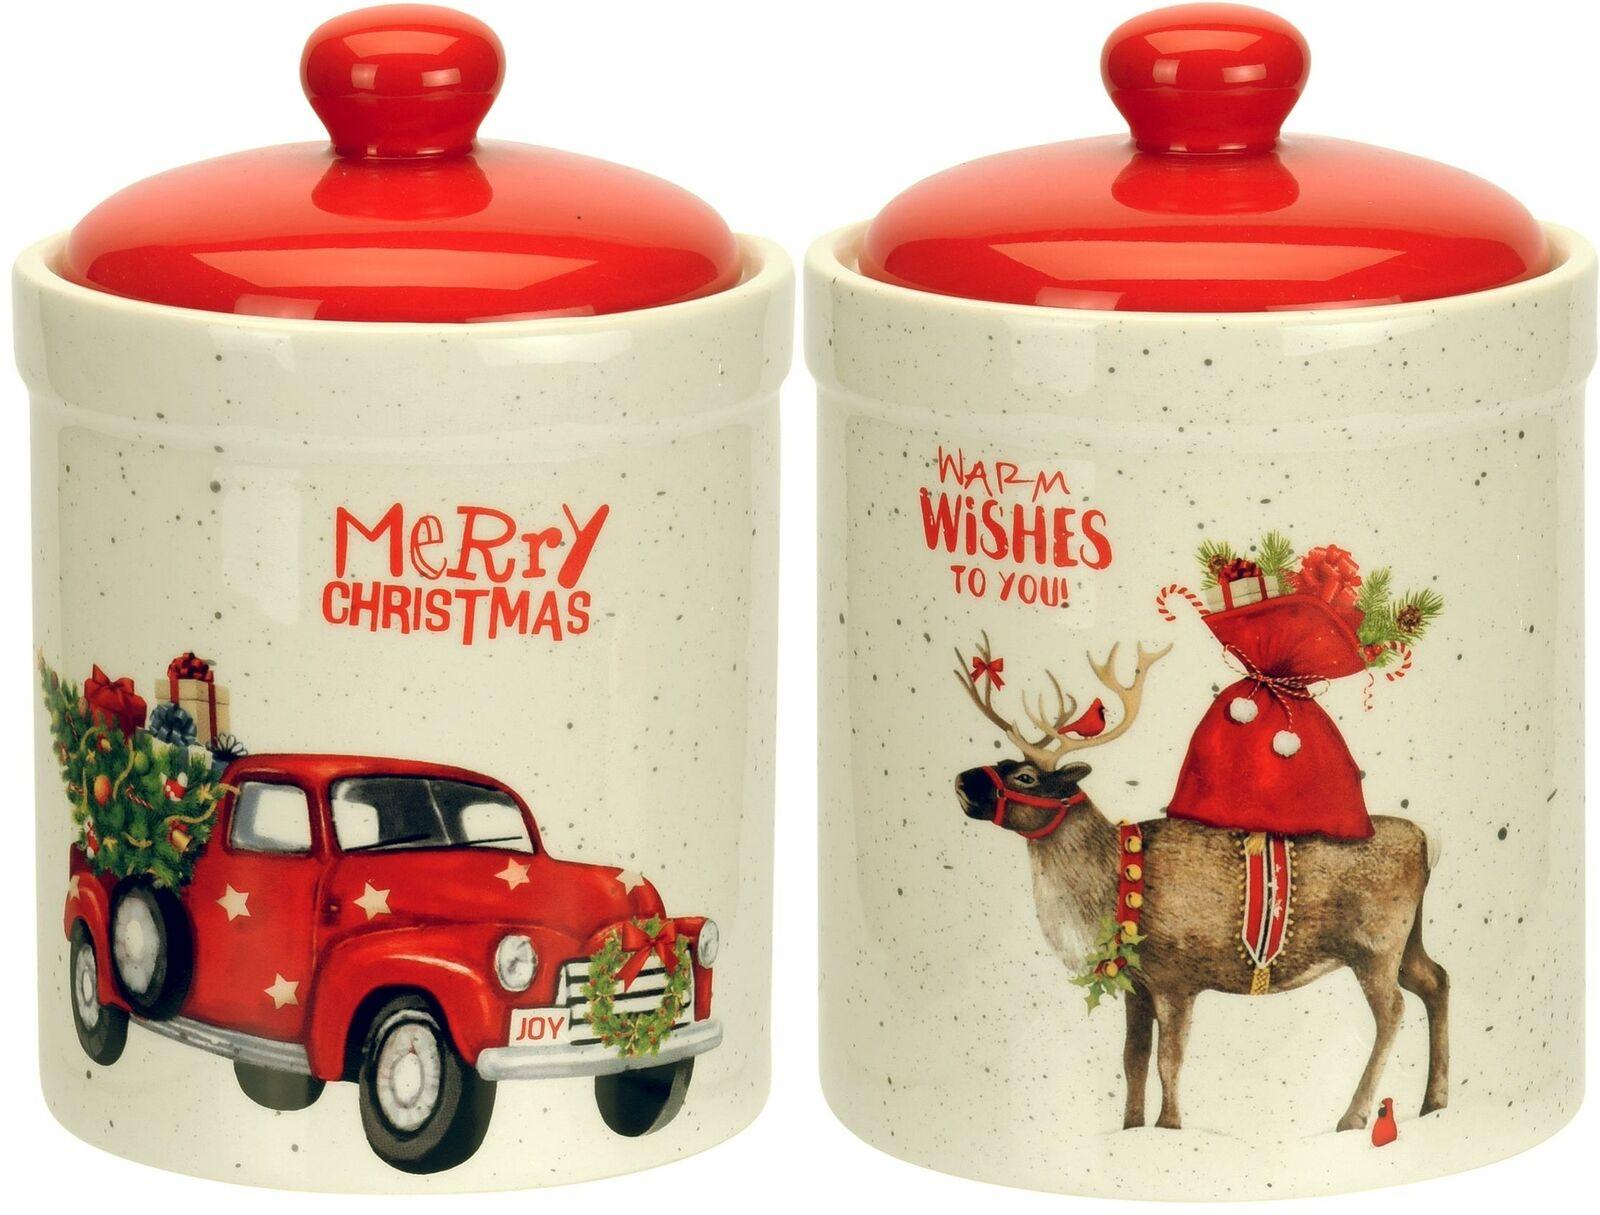 20cm H 9cm Keramik Clayre /& Eef Keksdose Weihnachten MERRY X-MAS weiß rot D